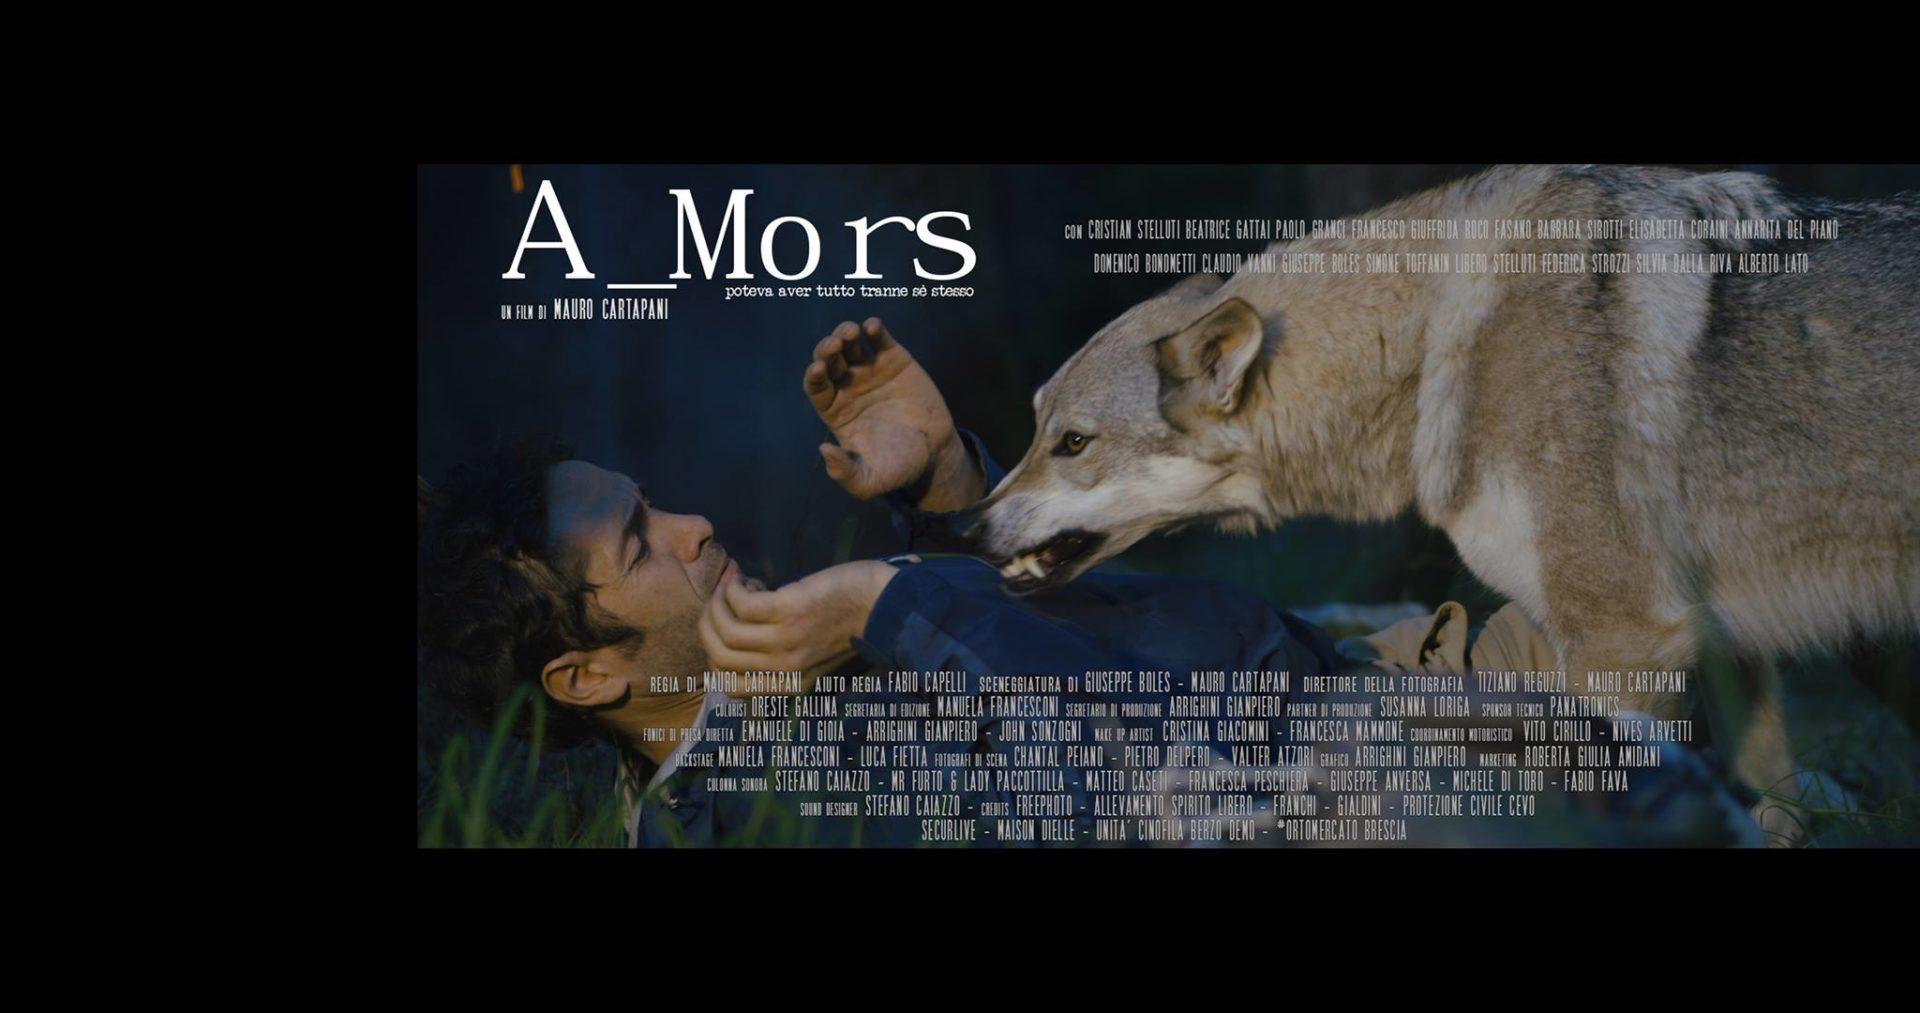 A_Mors (anteprima del film)